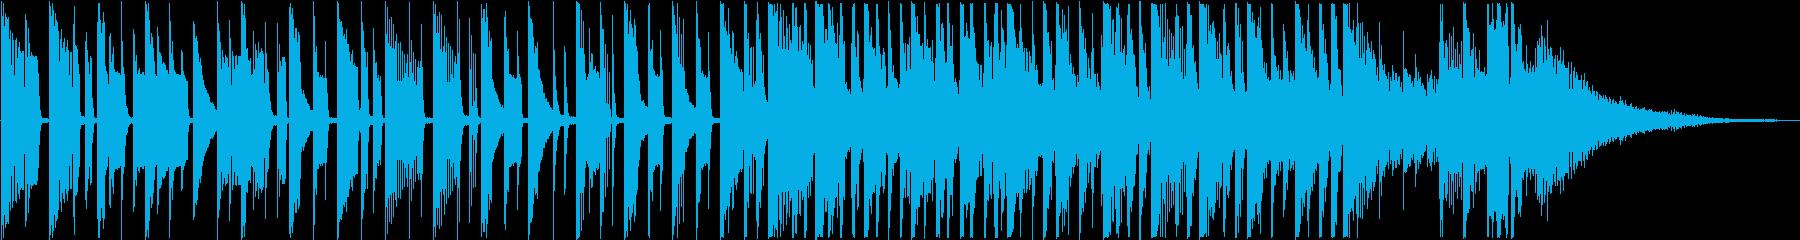 ファンク トロピカル ポジティブ ...の再生済みの波形